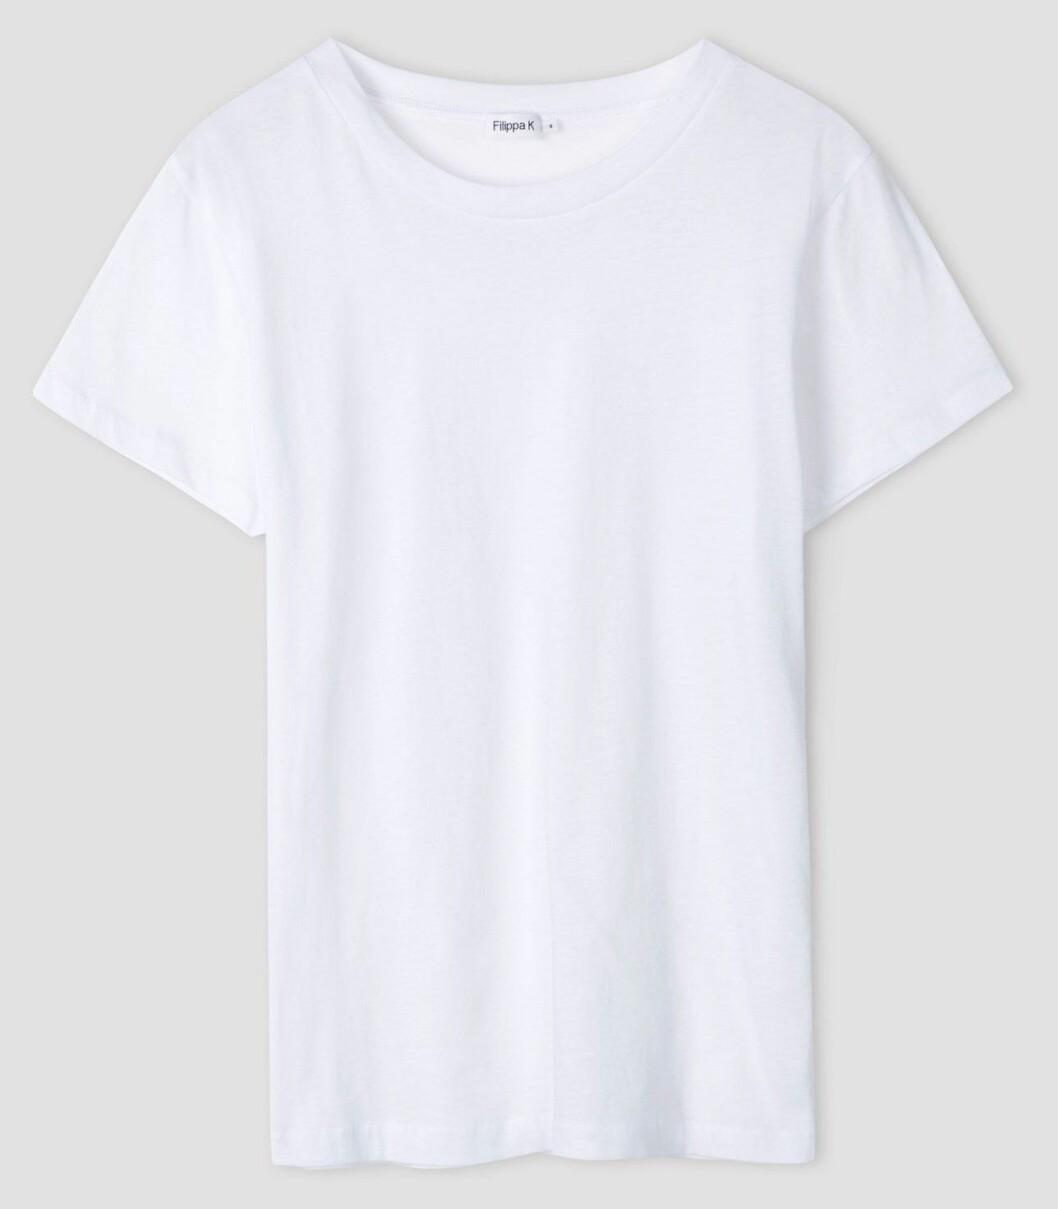 vit t-shirt från Filippa K.